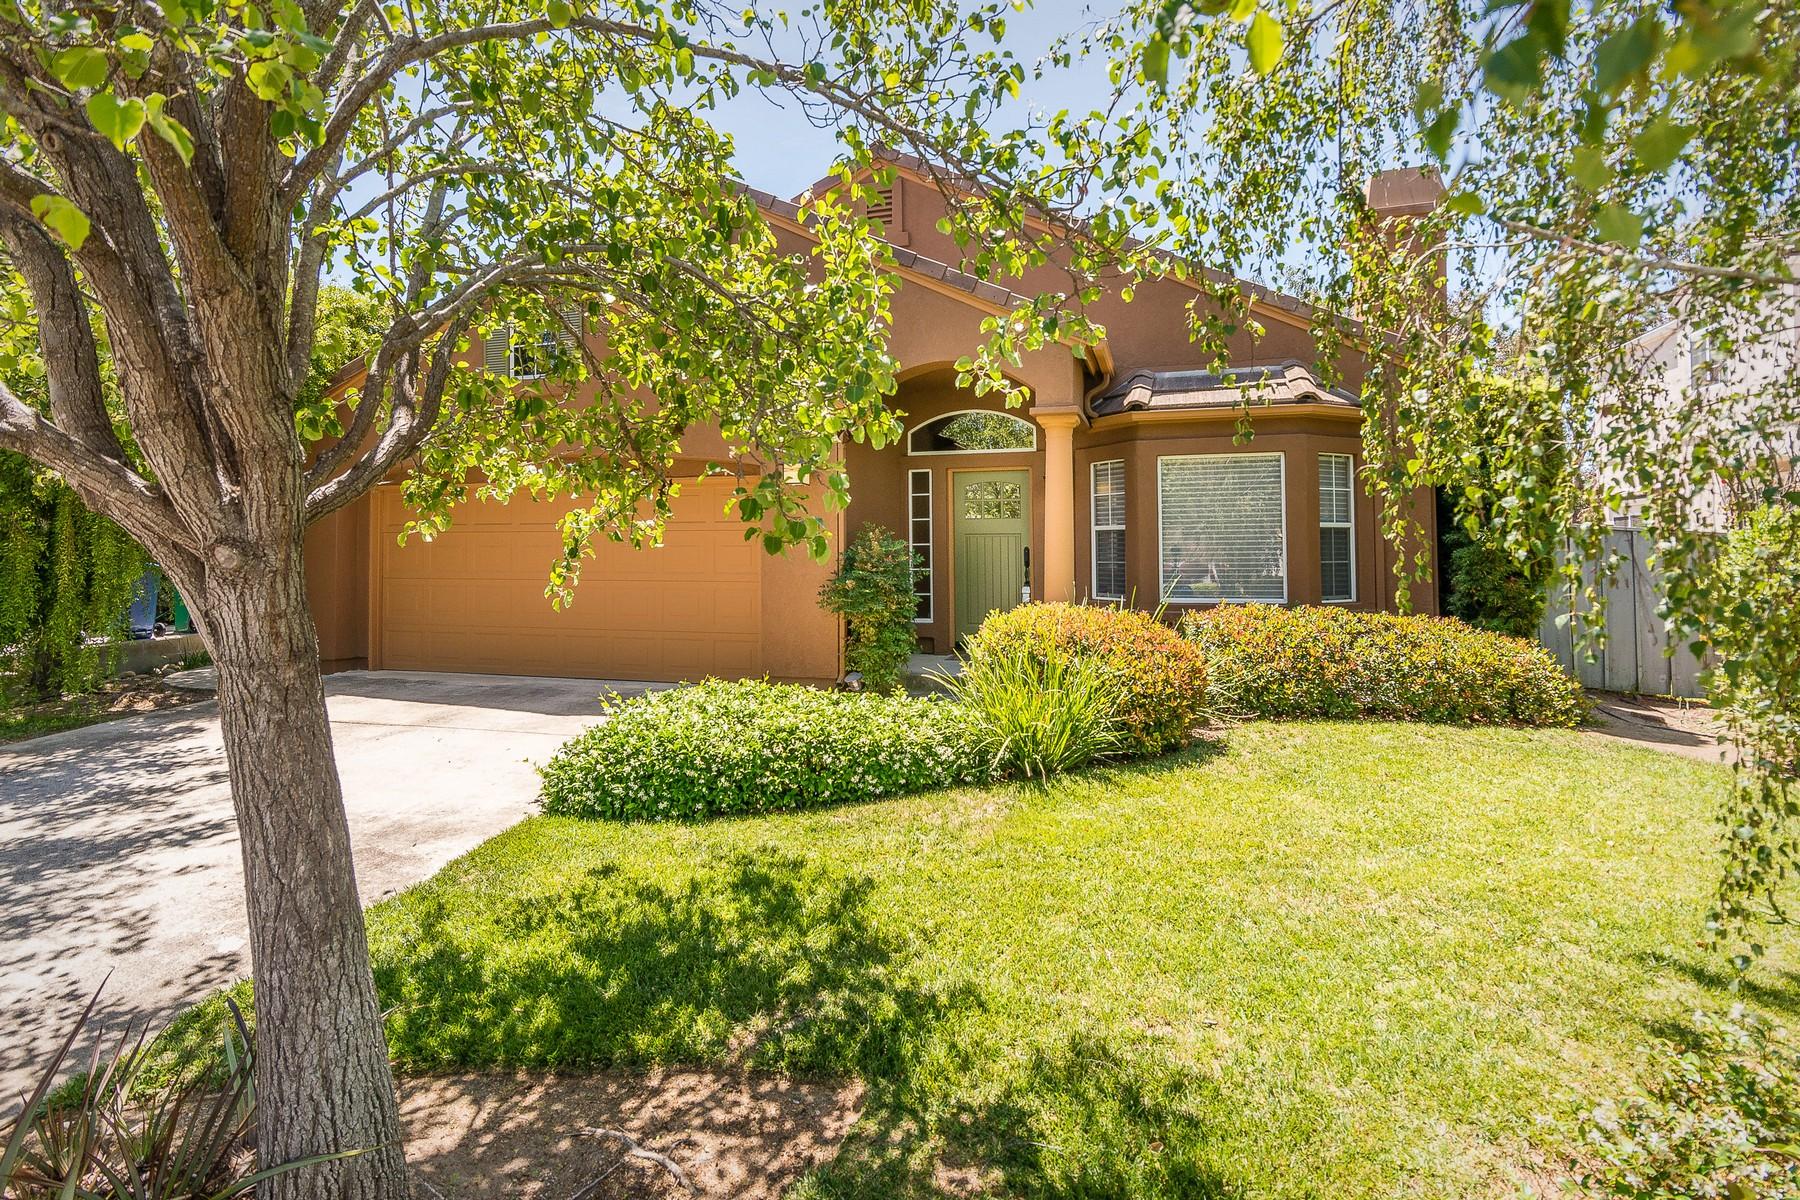 Maison unifamiliale pour l Vente à Immaculate Single Level Living! 4691 Snapdragon Way San Luis Obispo, Californie 93401 États-Unis